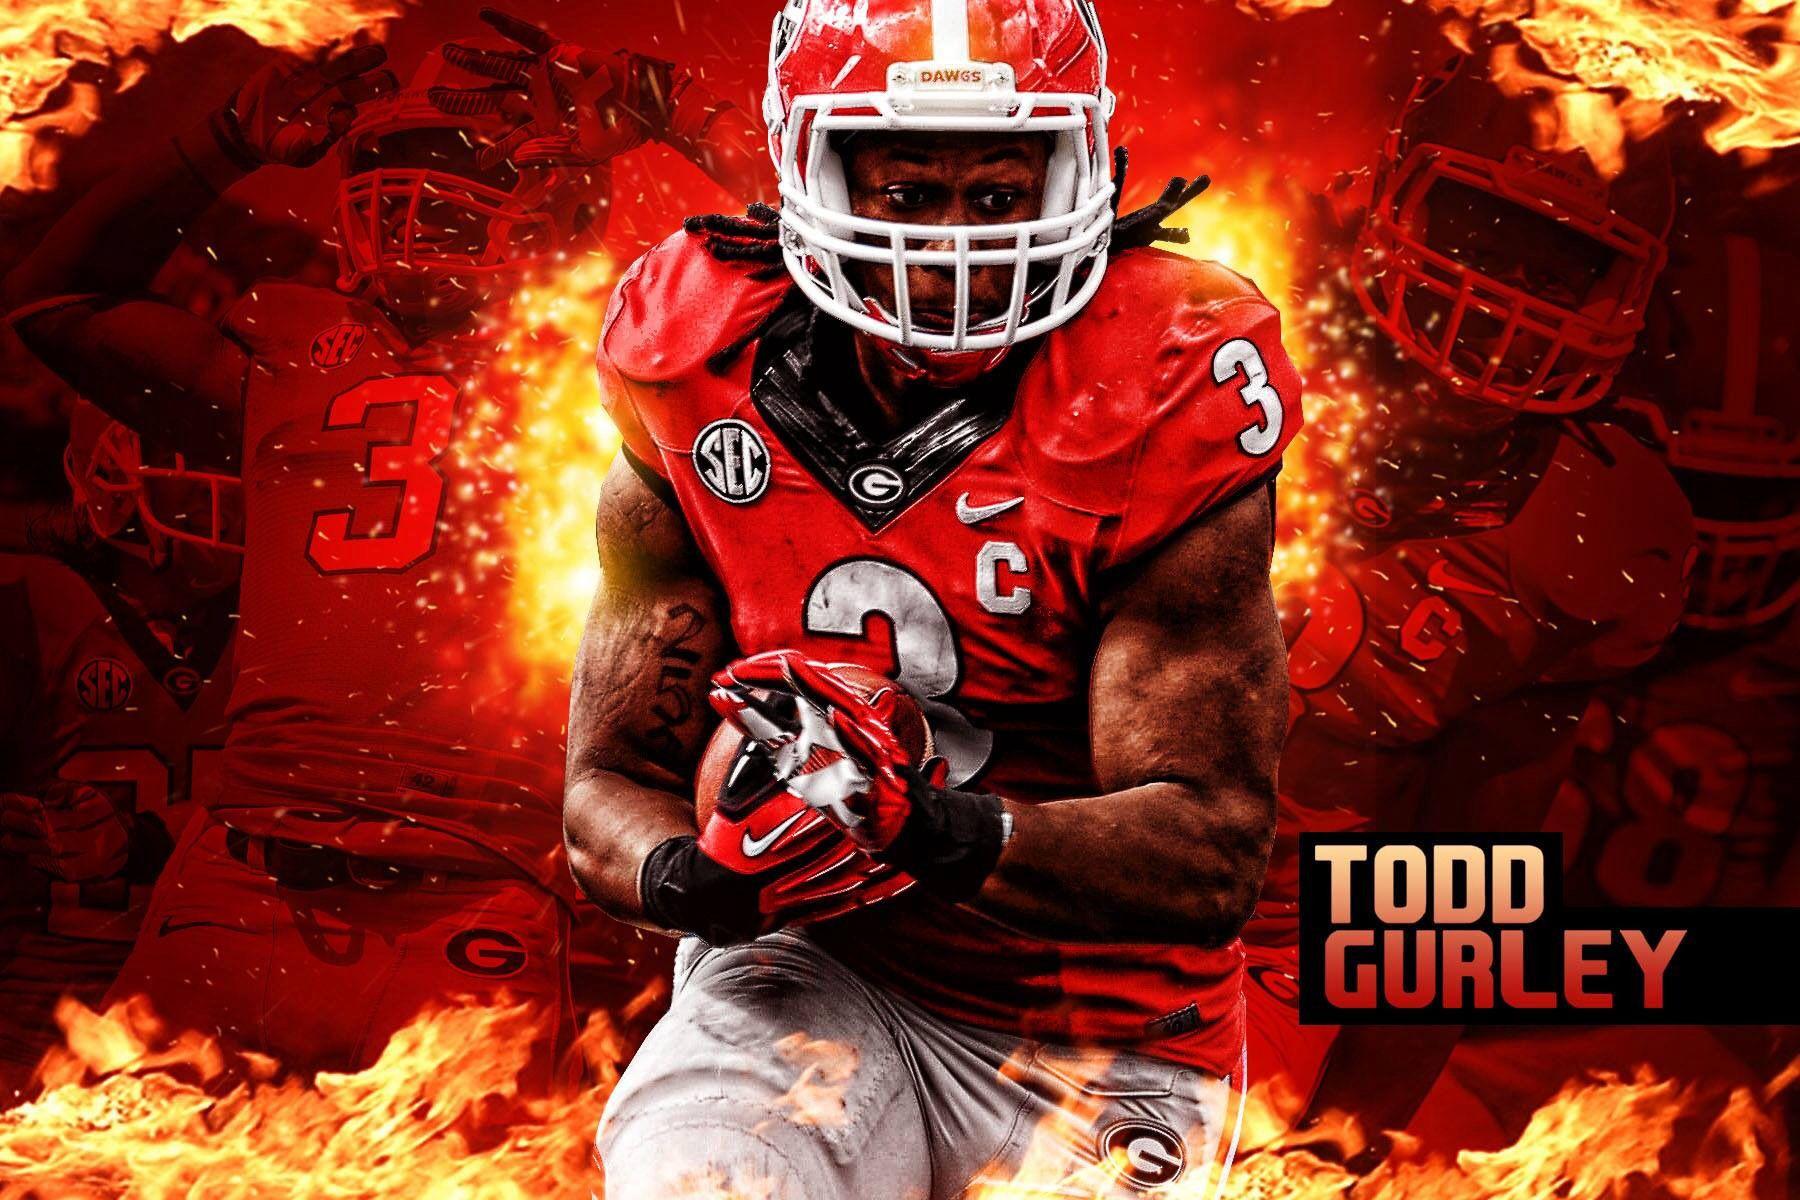 Todd Gurley Georgia Dawgs Todd Gurley Georgia Bulldogs